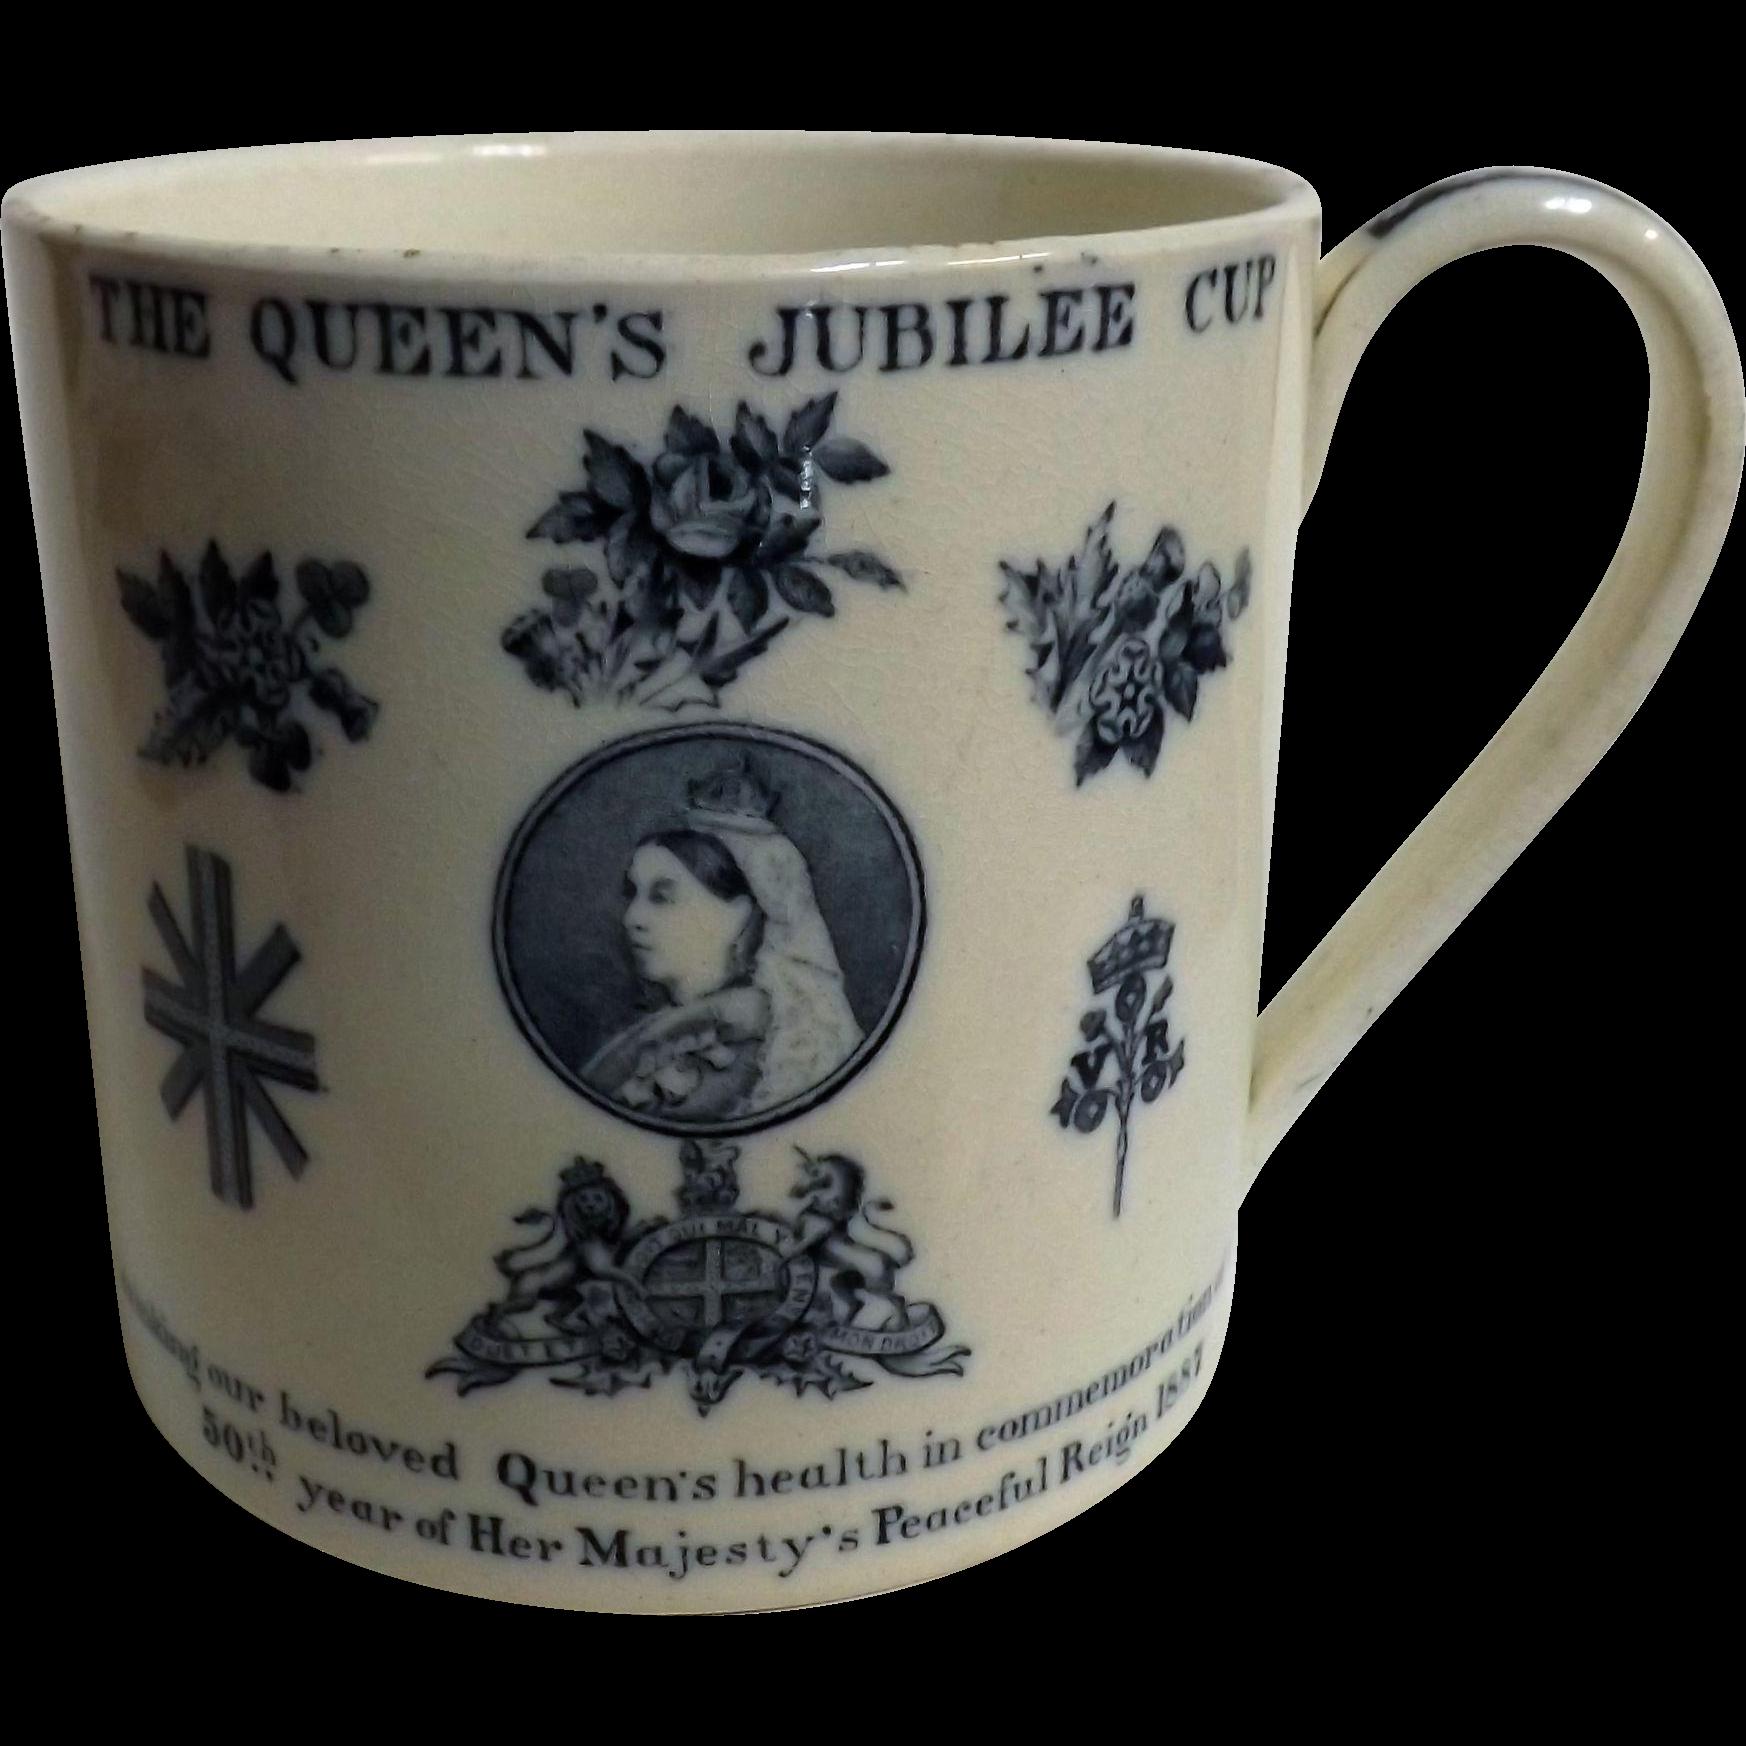 Queen Victoria Jubilee Commemorative Mug  - 1887 50 Years Reign